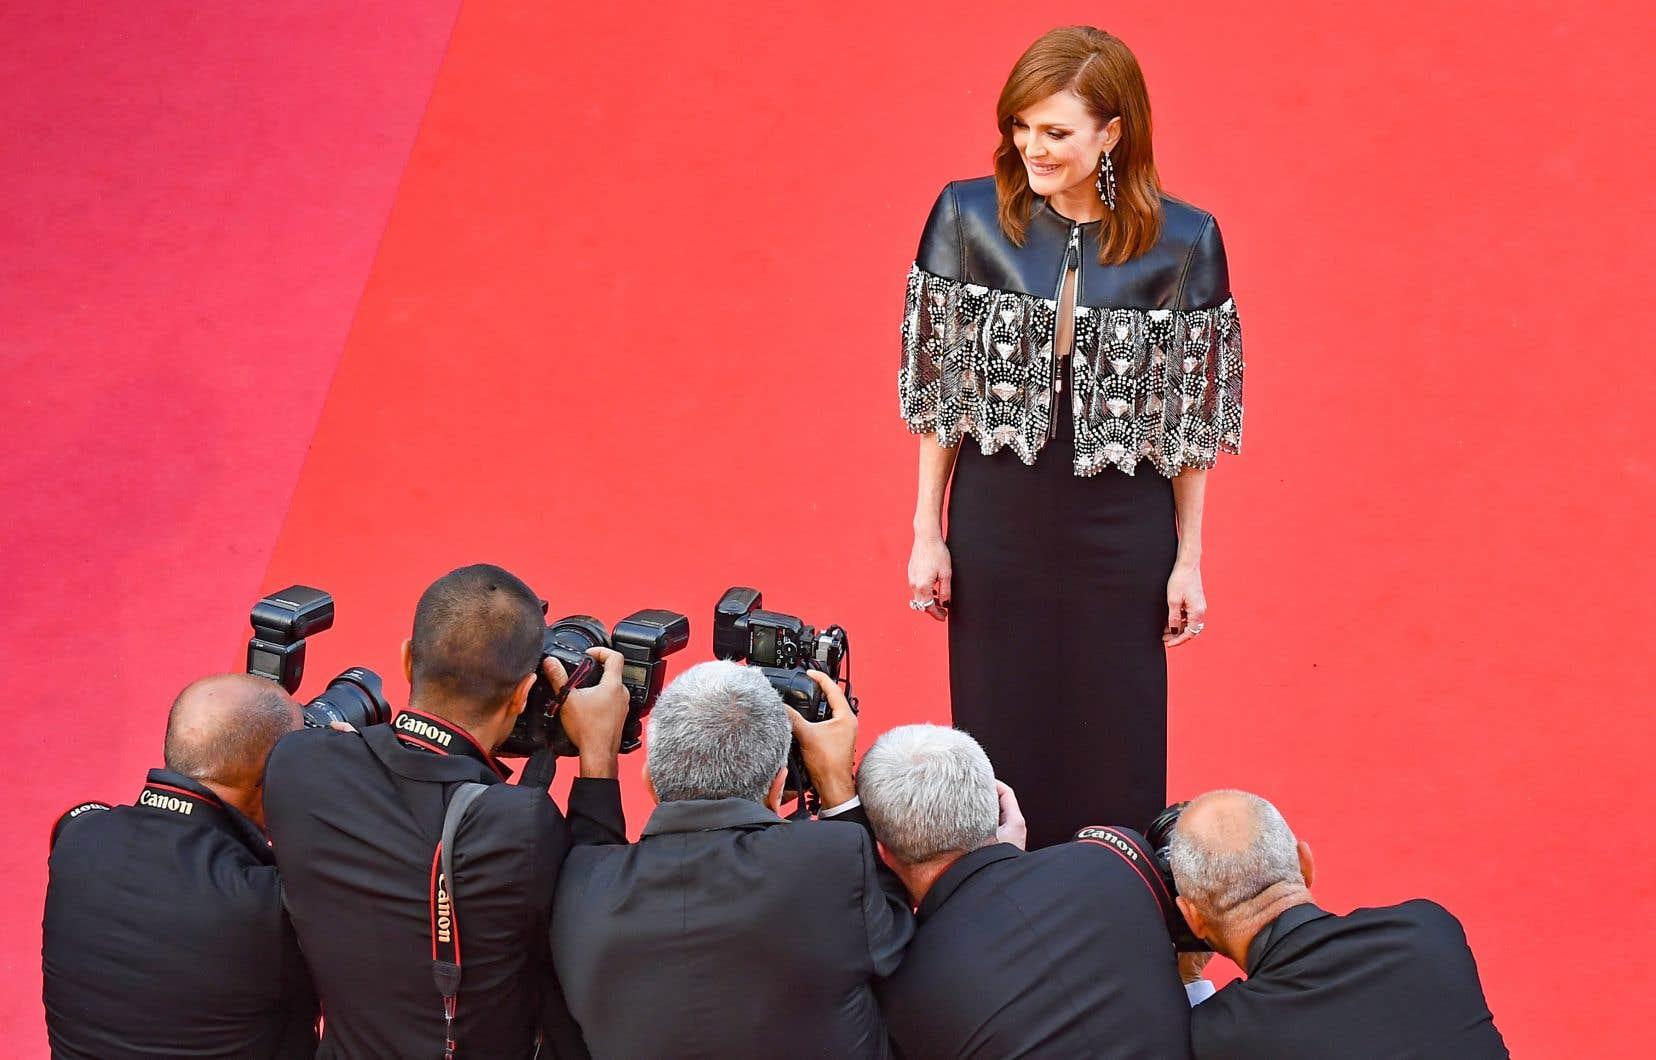 L'actrice américaine Julianne Moore foulant le tapis rouge cannois avant la projection des «Misérables», mercredi